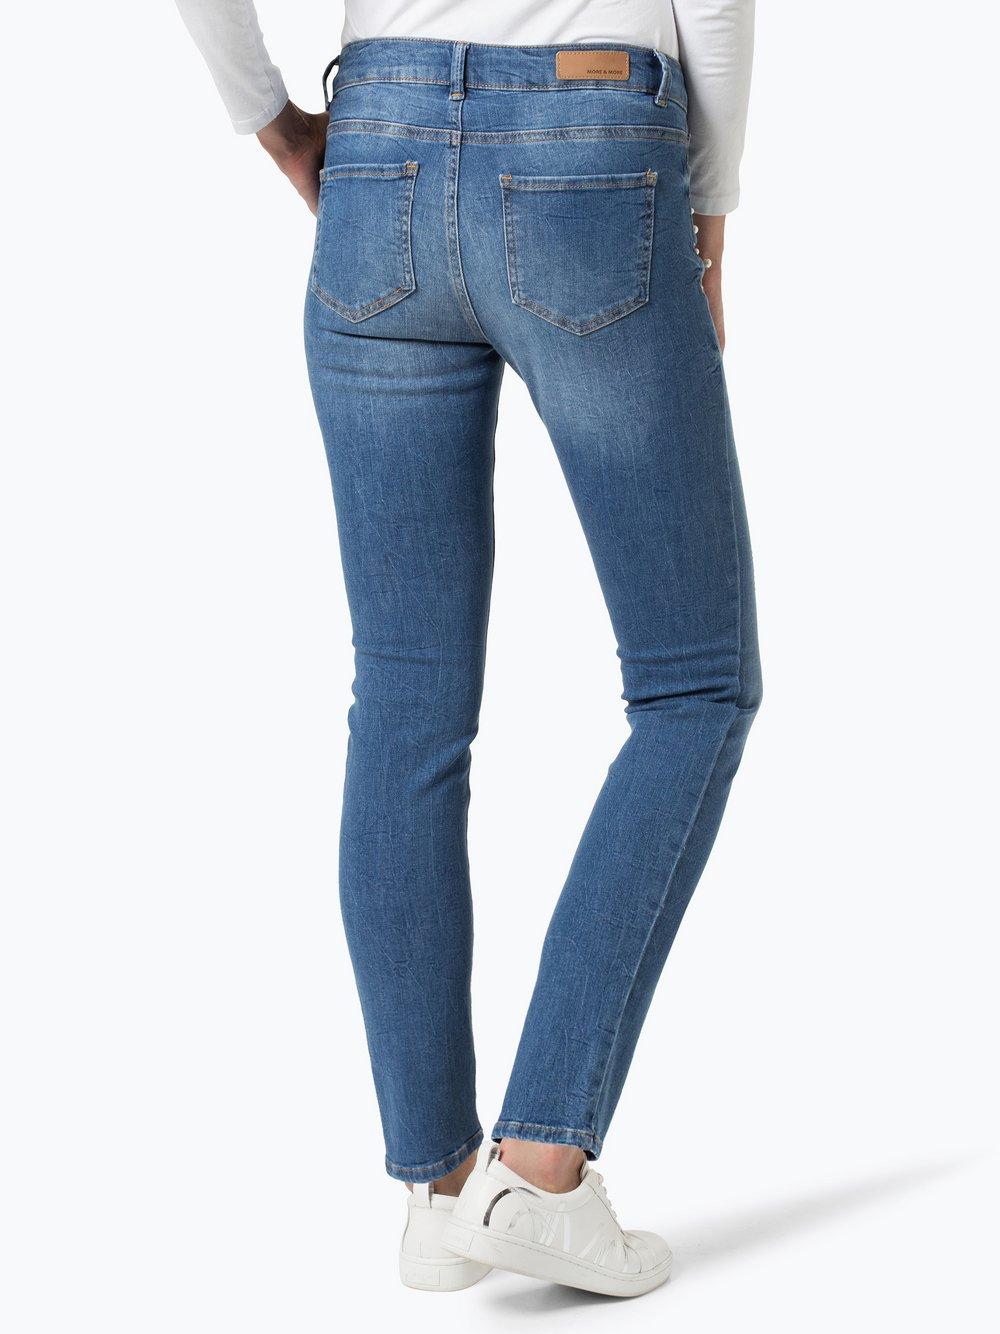 More & More Damen Jeans Hazel online kaufen | PEEK UND